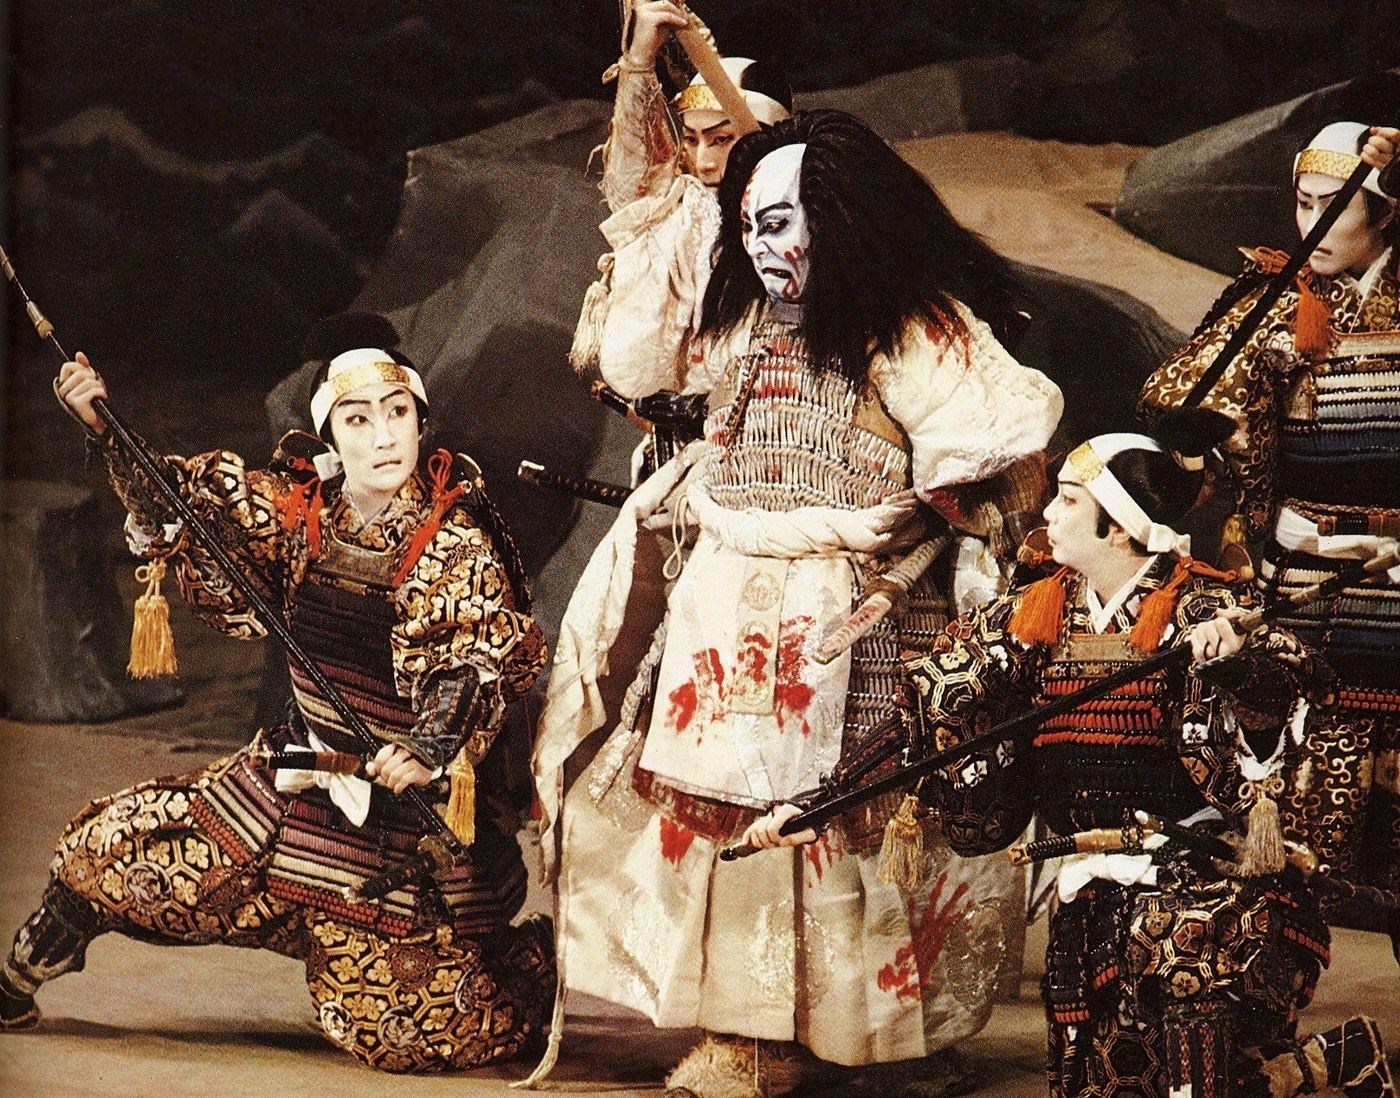 Japanese Shochiku Kabuki Theater Japon Theatre Japonais Masque Japonais